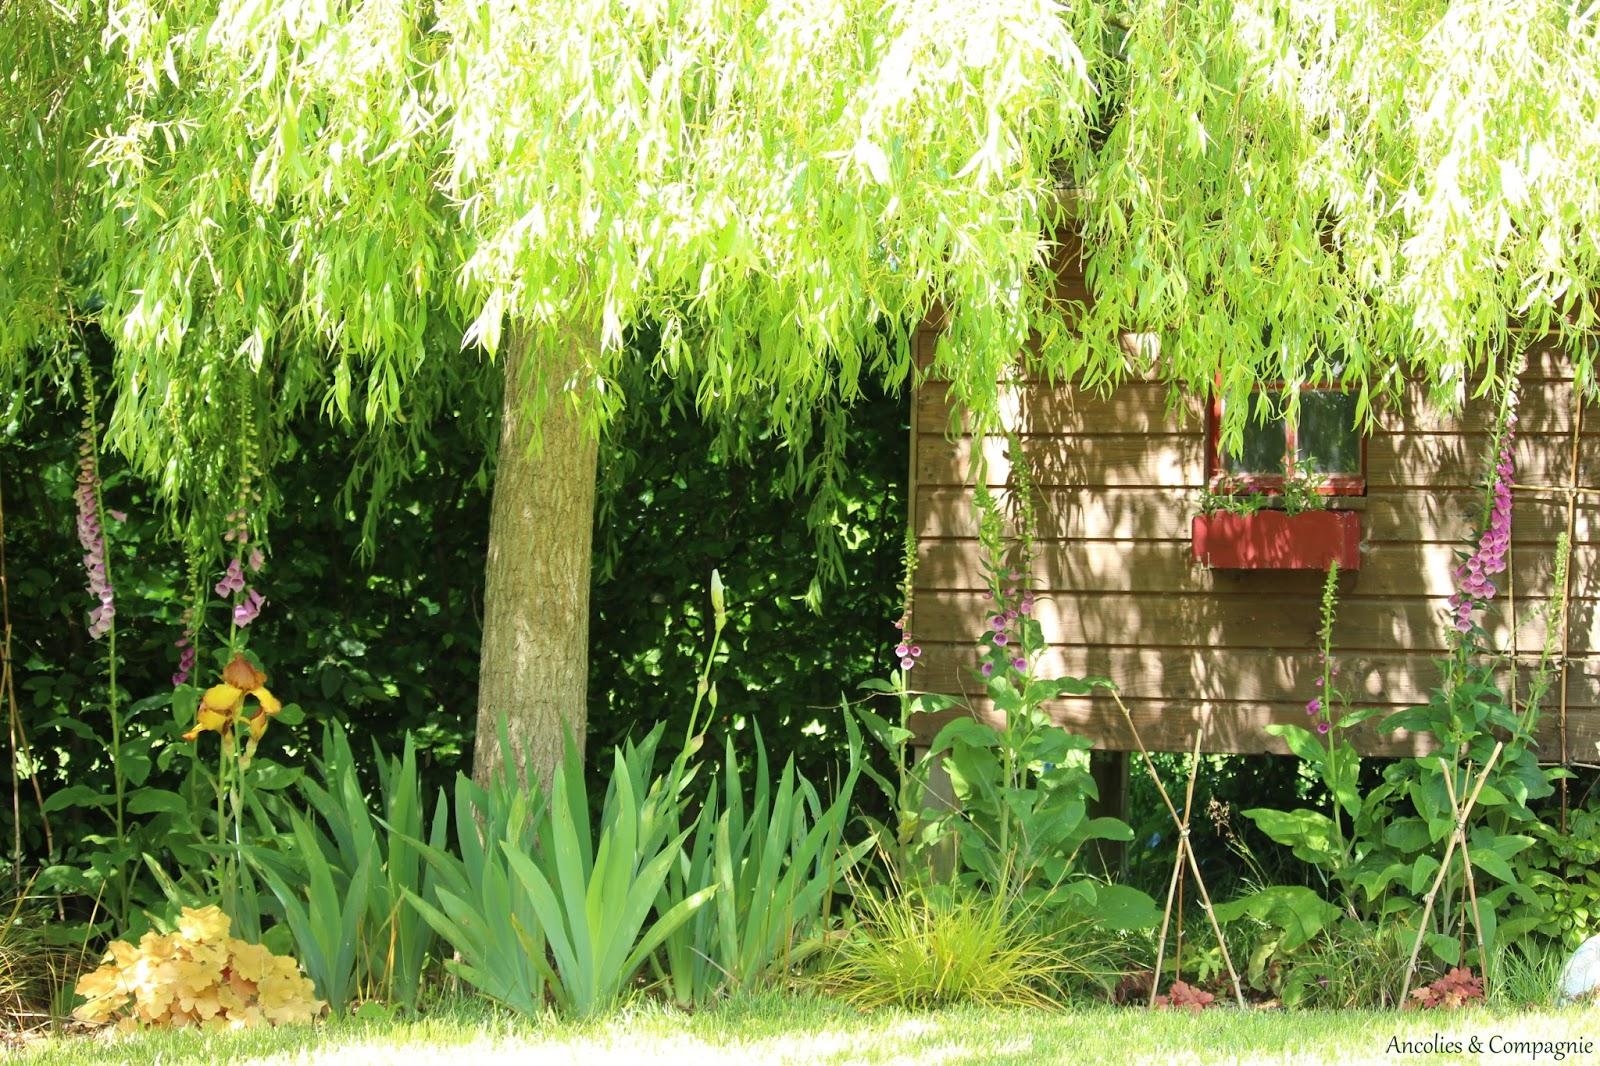 Ancolies compagnie un regard sur le jardin fin mai for Le jardin neufchatel sur aisne